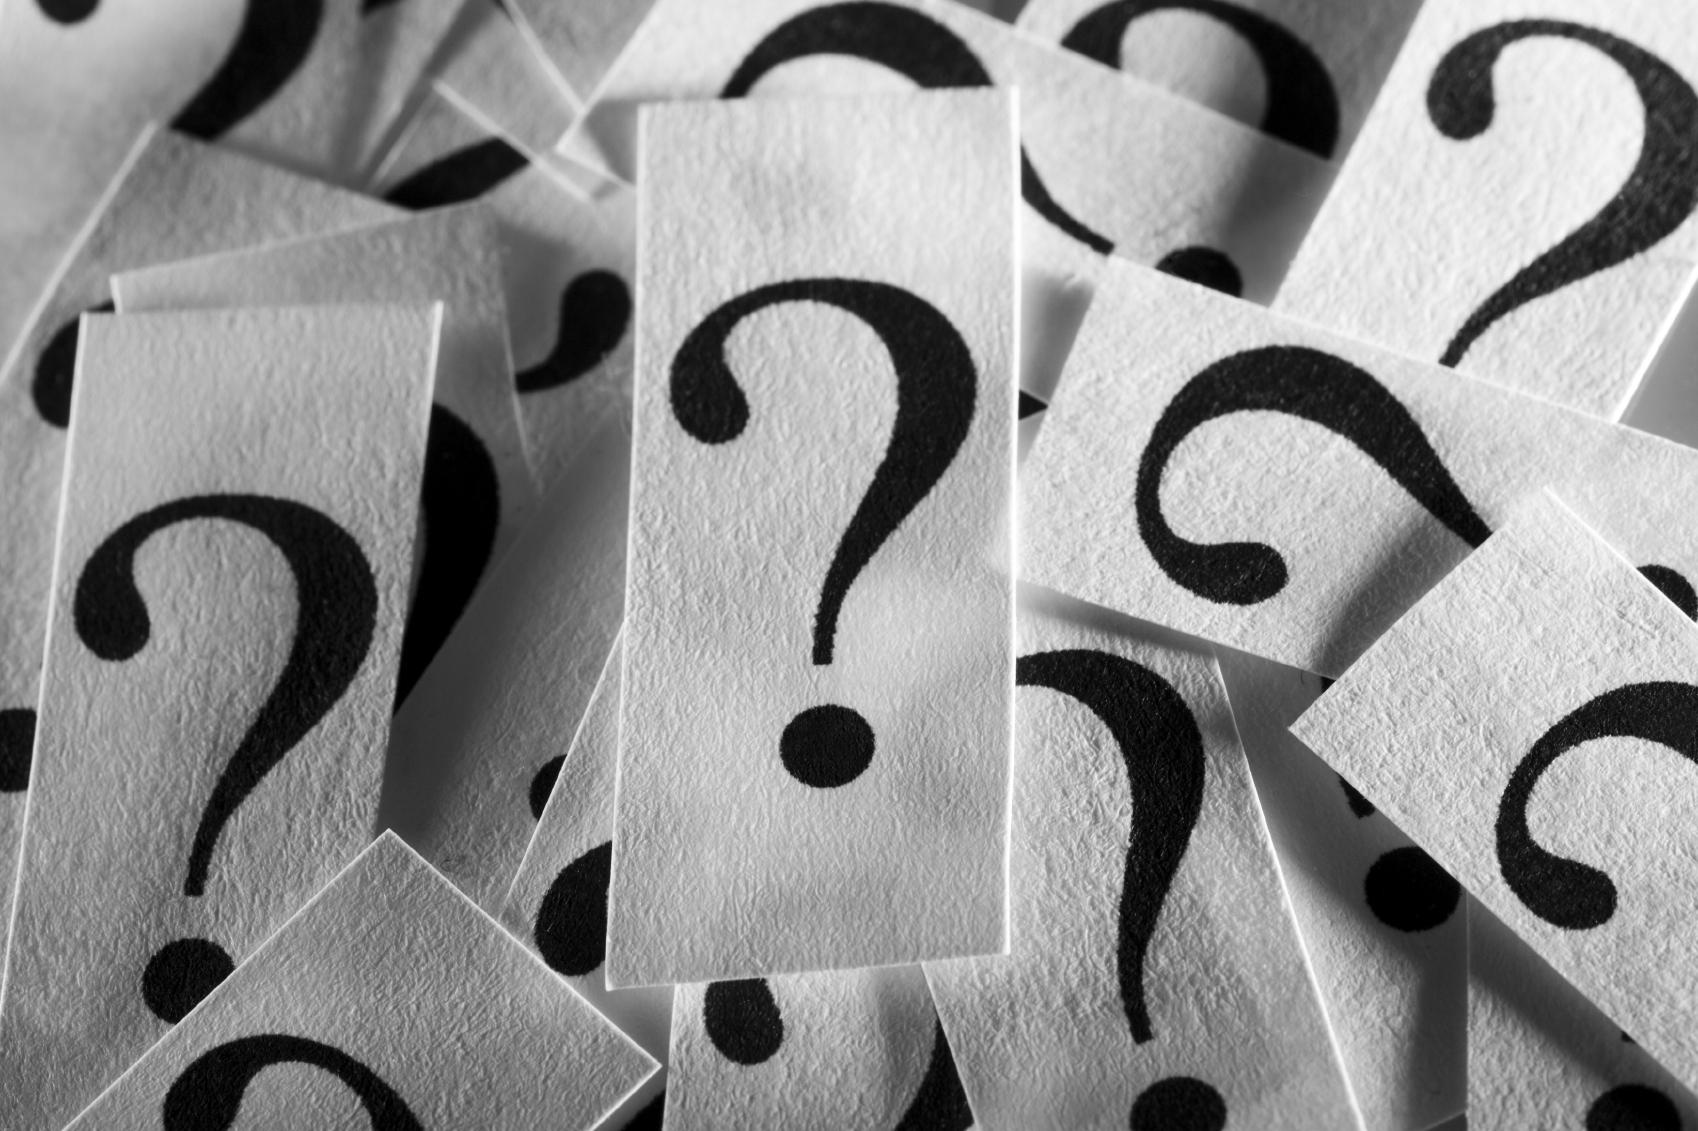 Oficjalne pytania zatwierdzone przez Ministerstwo 2016